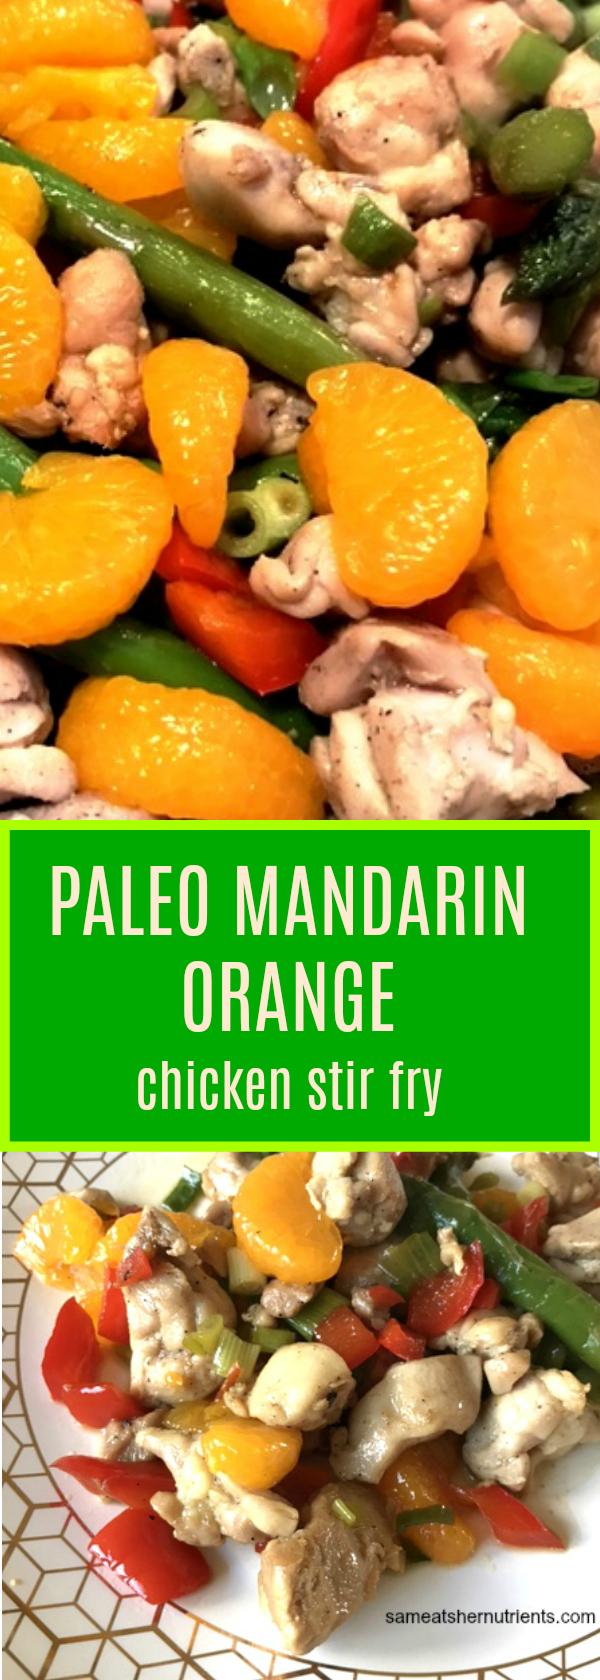 Mandarin Orange Chicken Stir Fry Gluten Free, Paleo